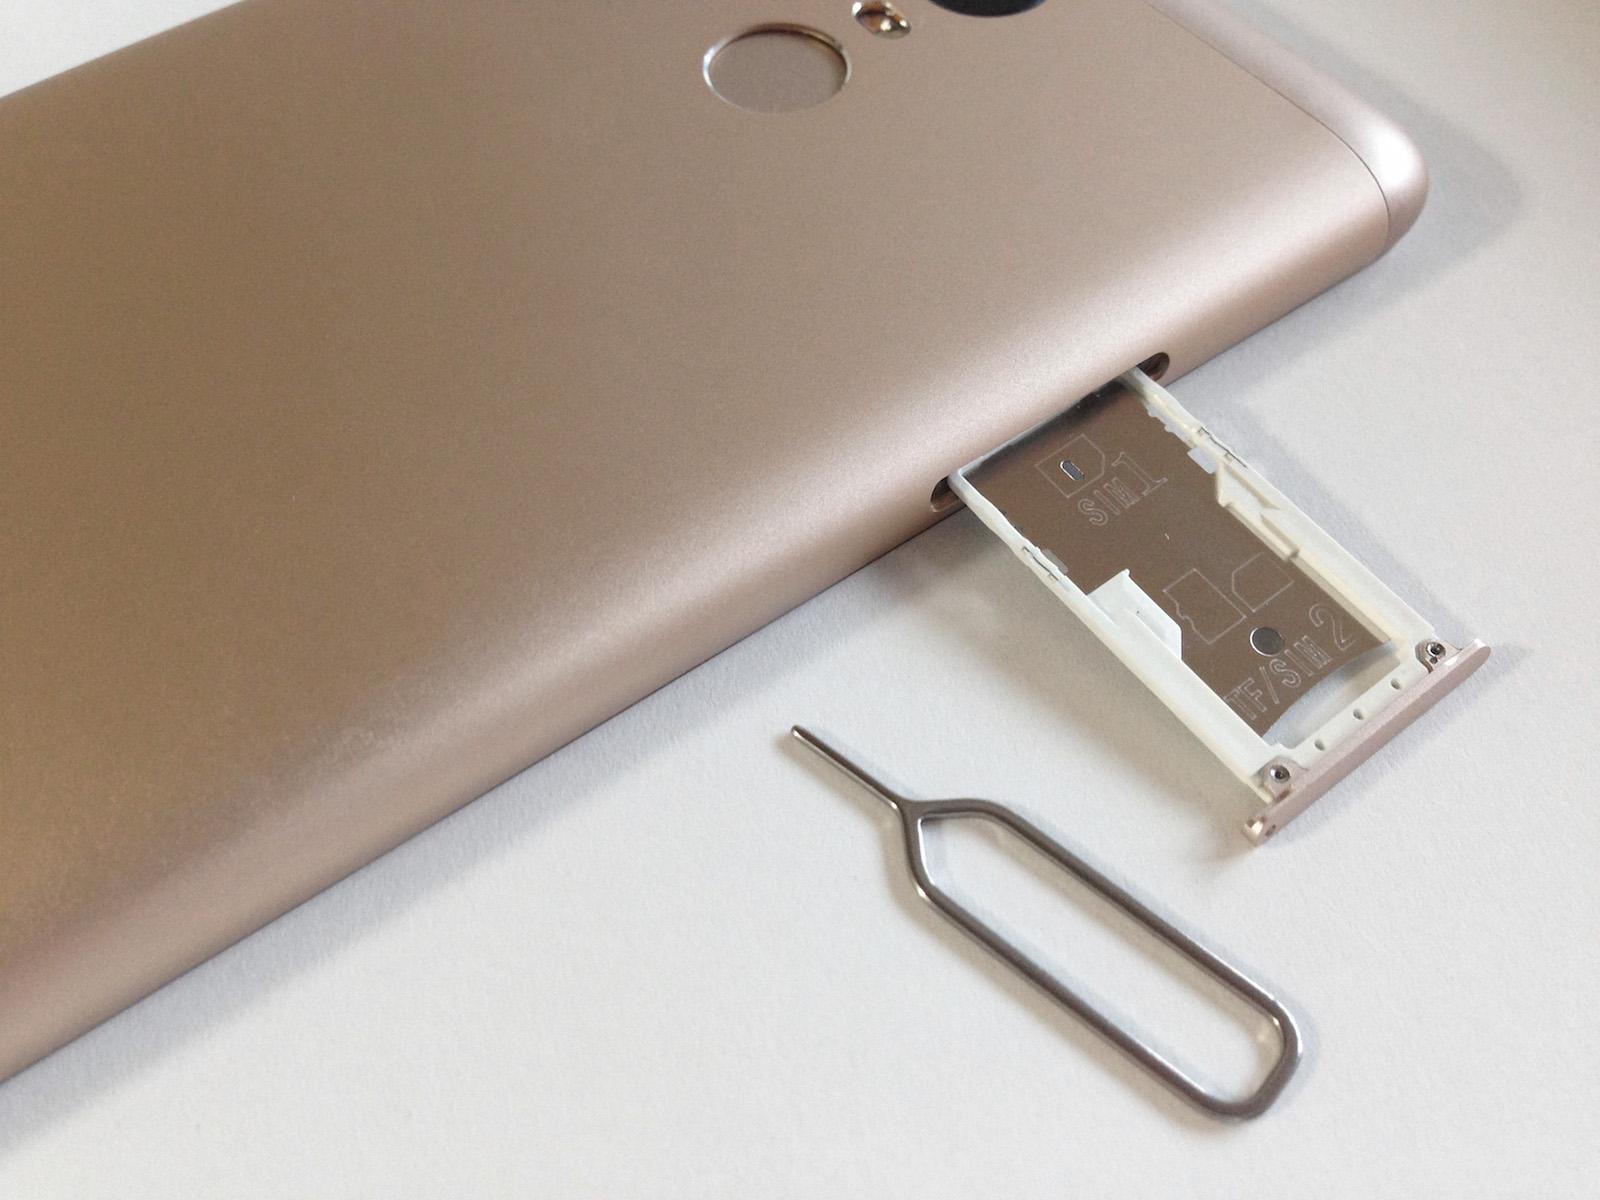 Xiaomi Redmi Note 3 Pro SIMカードスロット